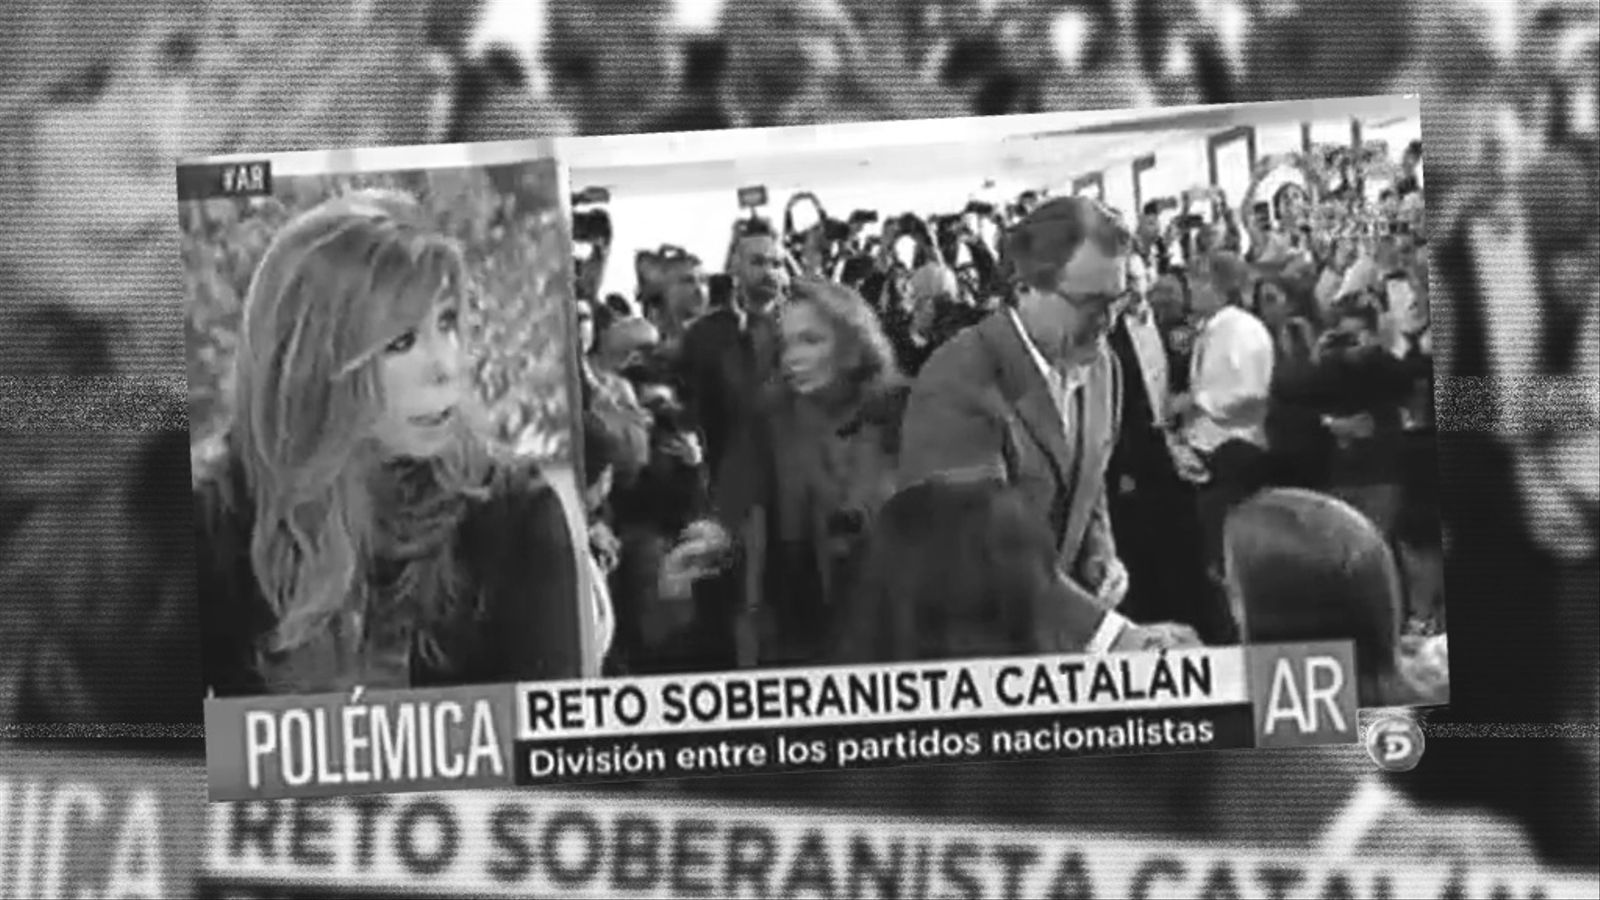 L'editorial d'Antoni Bassas: Per què és un judici polític? (13/10/2015)